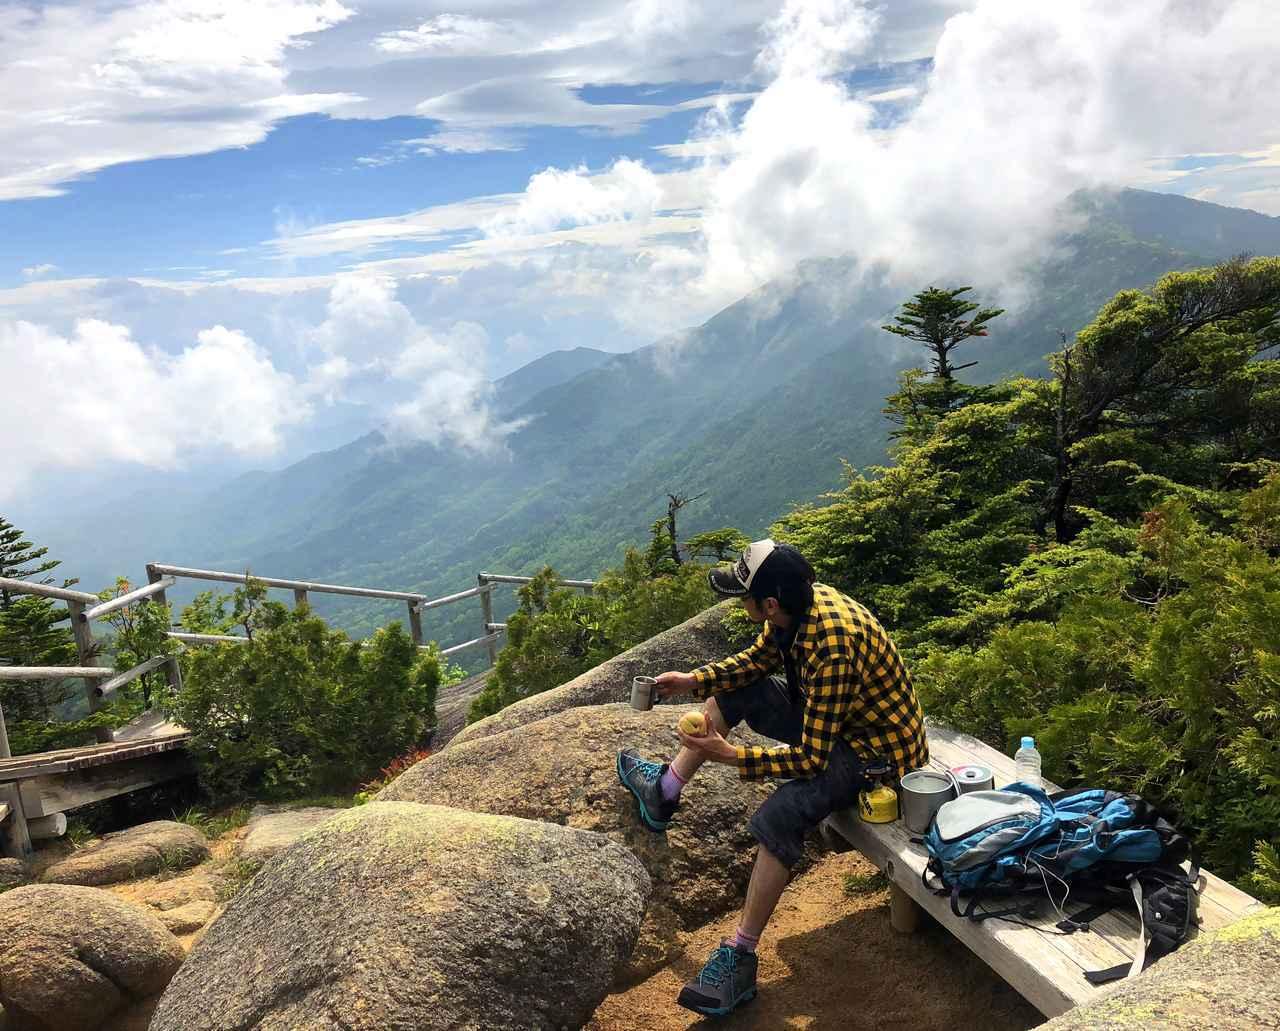 画像1: 日本最高所の車道峠でコーヒーを 【ホンダオールすごろく/第9回 CRF250 RALLY 前編】 - A Little Honda